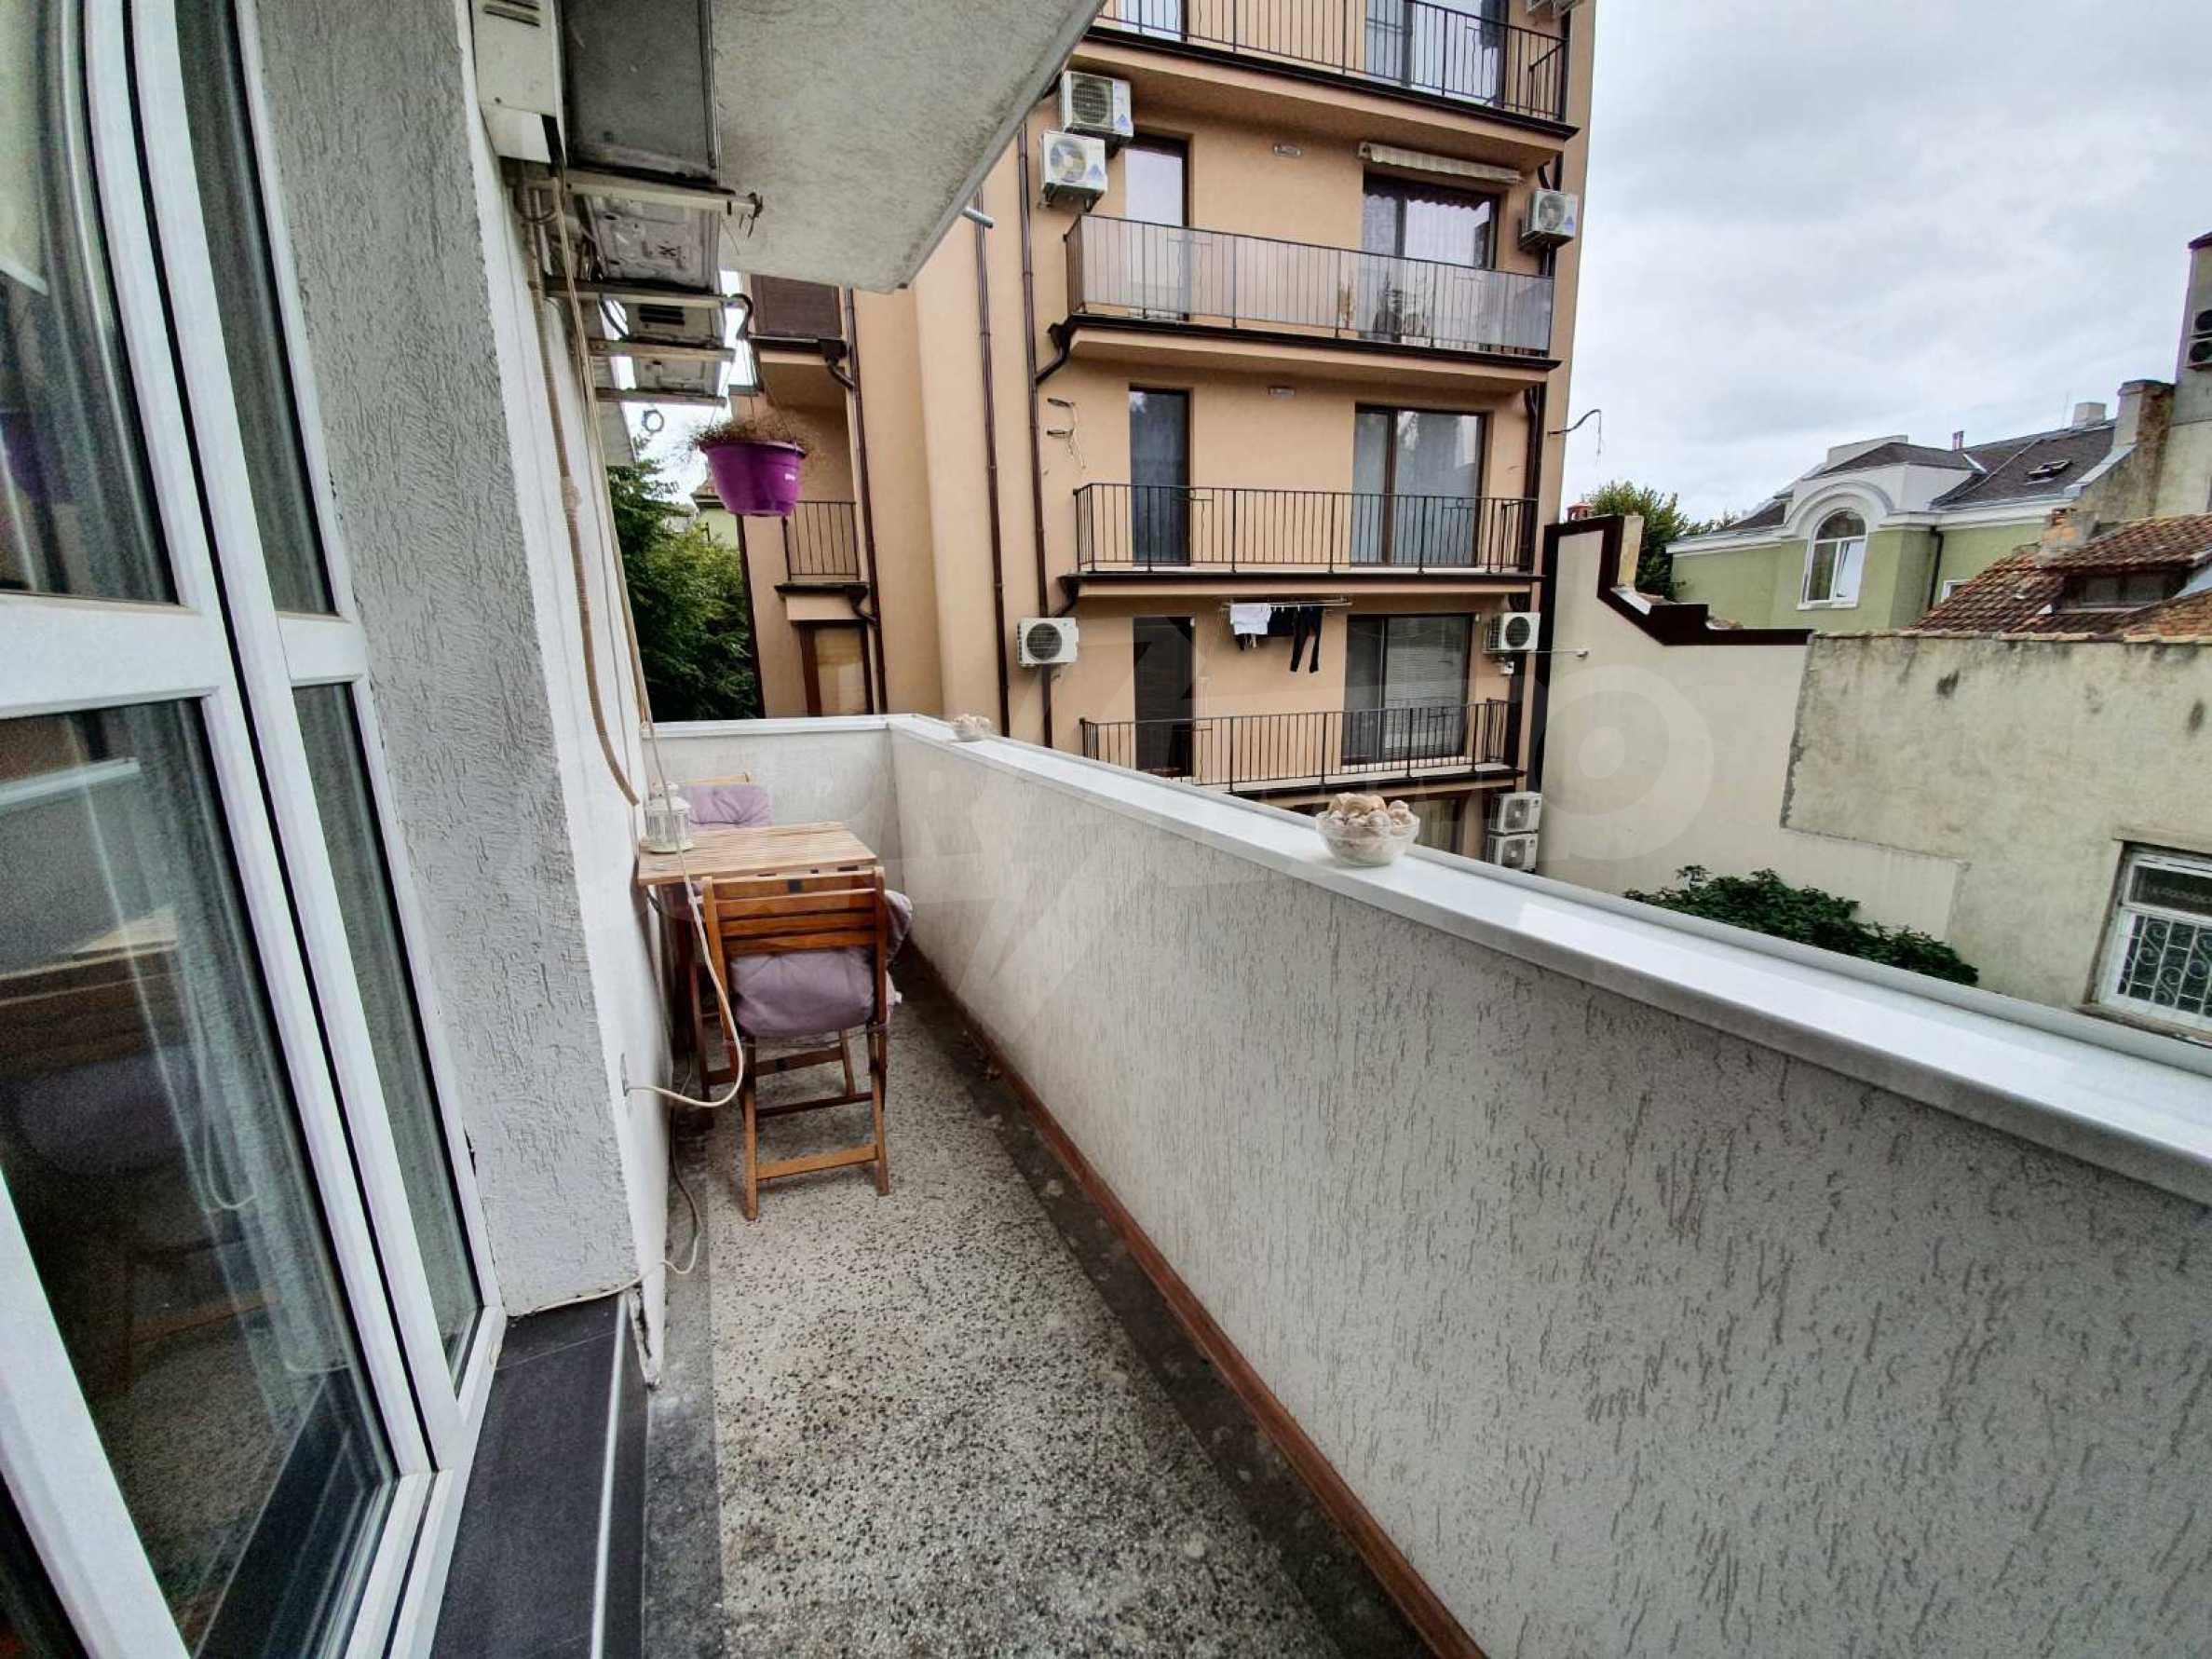 Тристаен апартамент Капитан - под наем в центъра на Варна 10